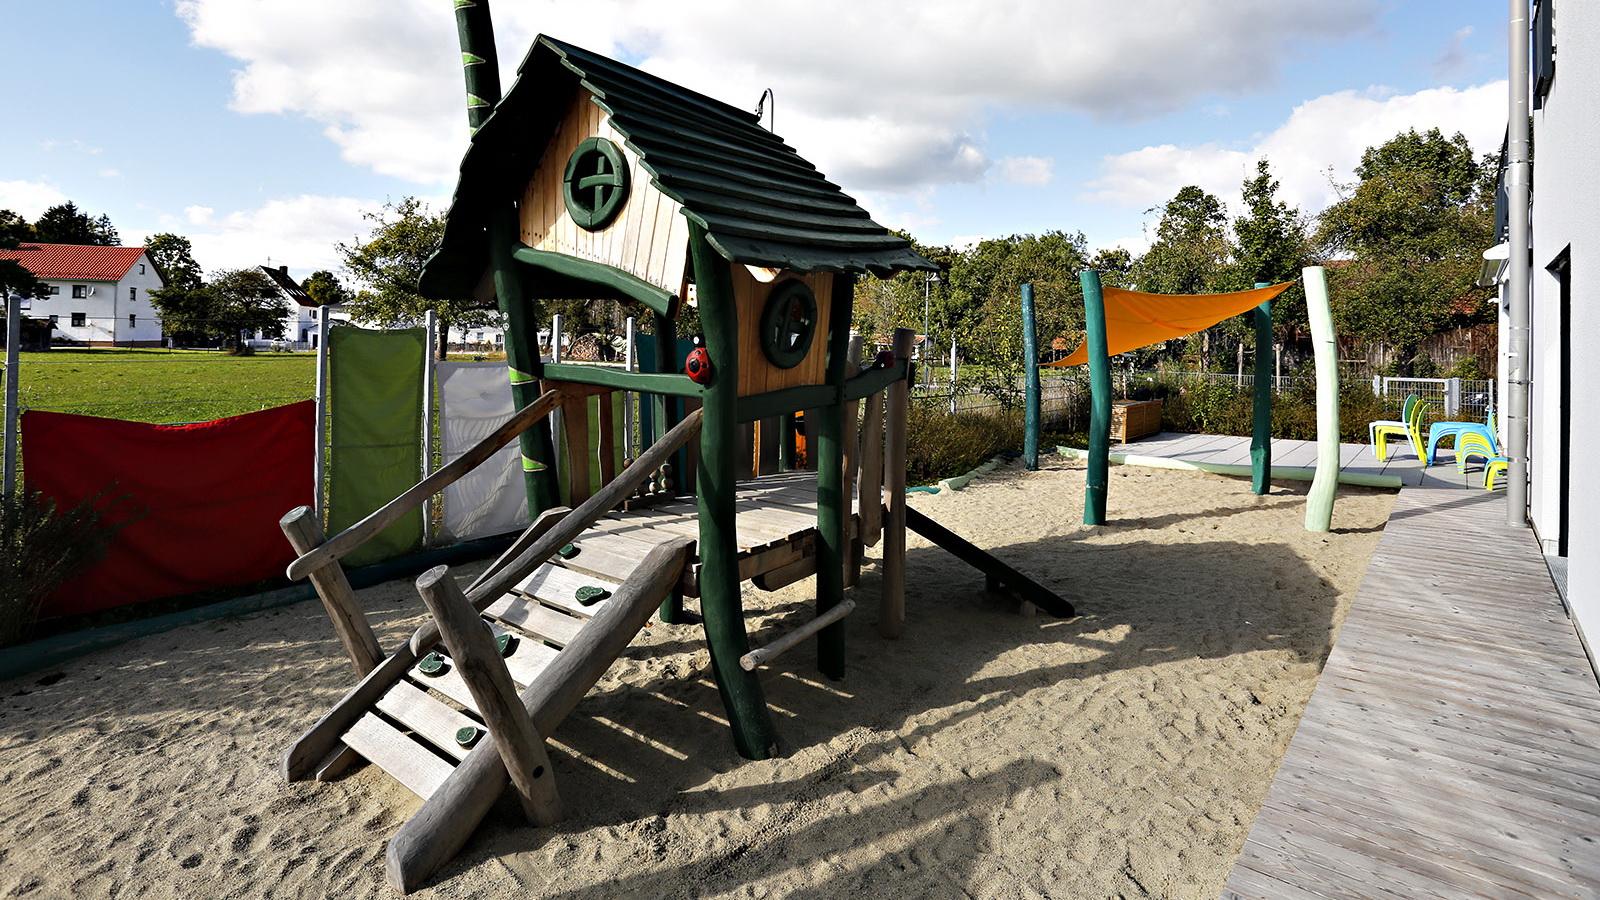 Holzspielgeraet in der Kinderkrippe in Tuerkenfeld